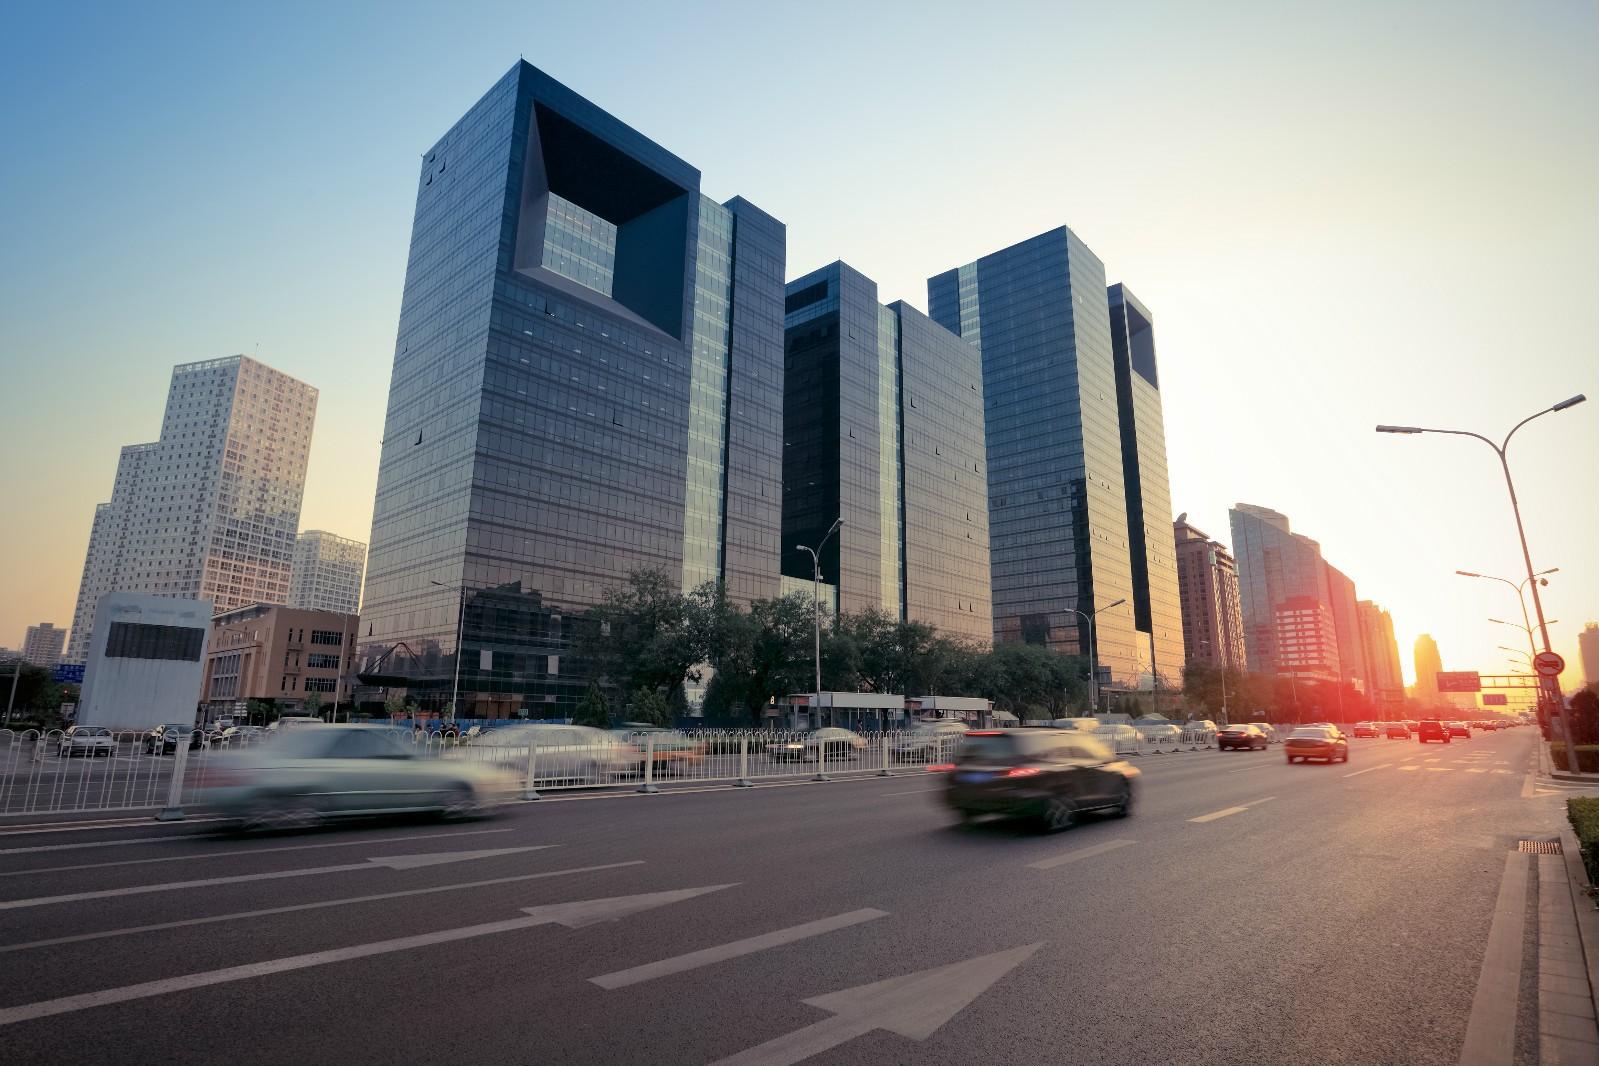 天津市代理记账公司提示按季申请的小规模纳税人,注意这种现行政策